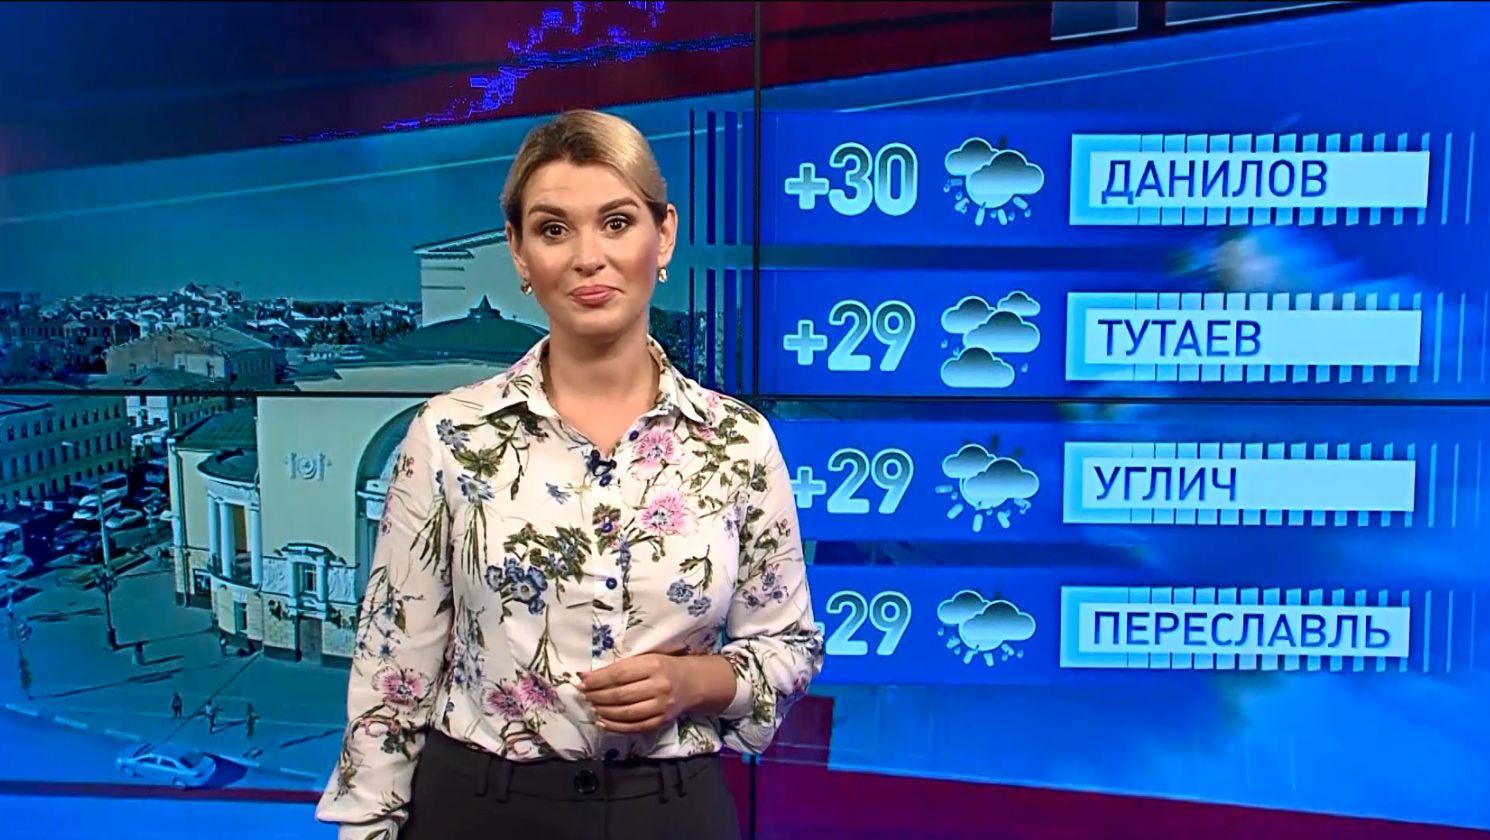 Сегодня-завтра греемся и готовимся к похолоданию в Ярославской области